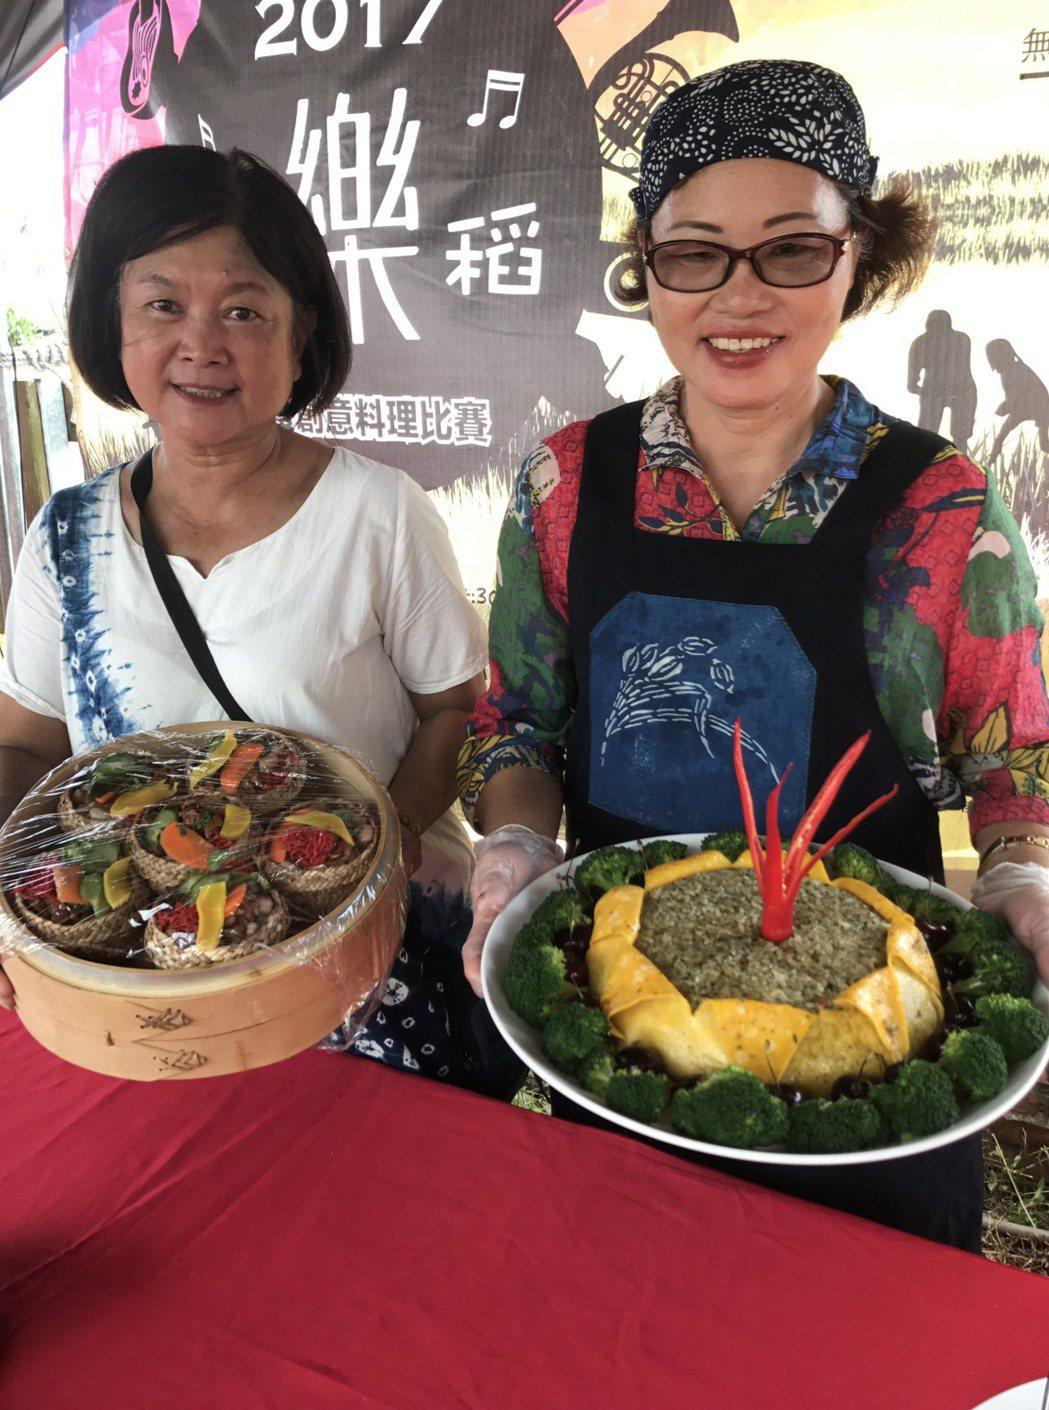 台南首場大型米食料理比賽下午在後壁舉辦,「墨林組」(左)以藺草碗、秋葵、紅椒等當...